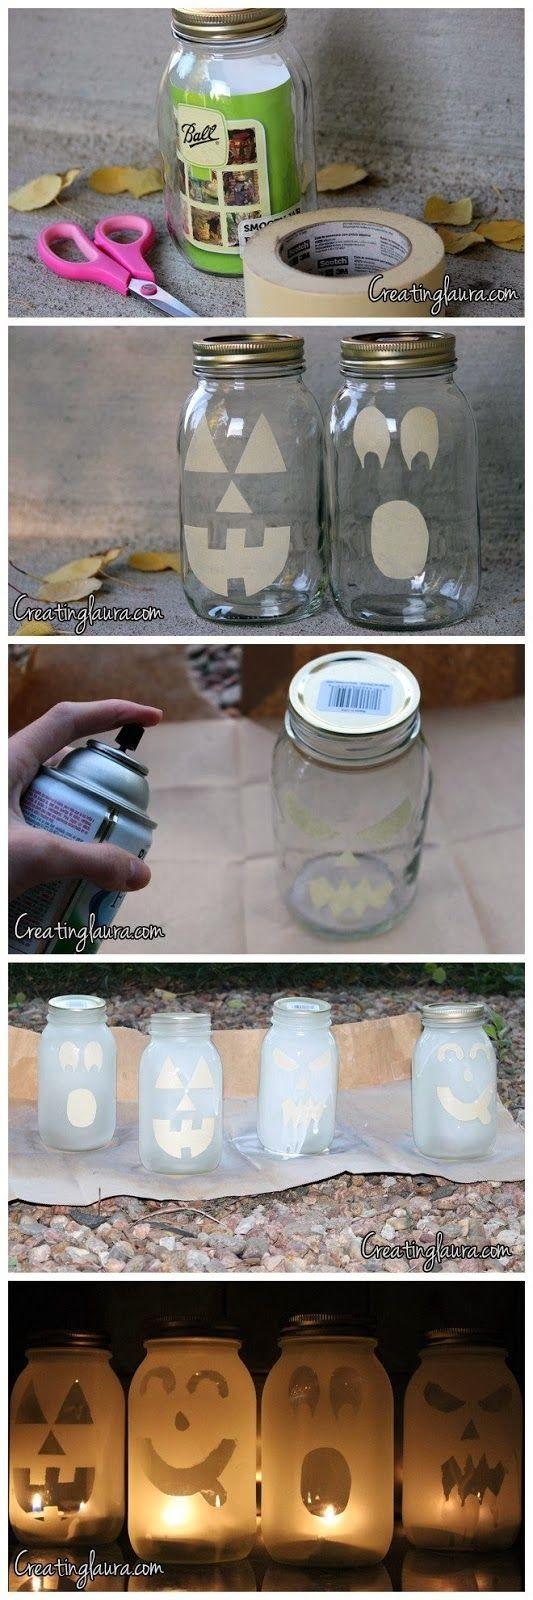 9. Ghost Jars